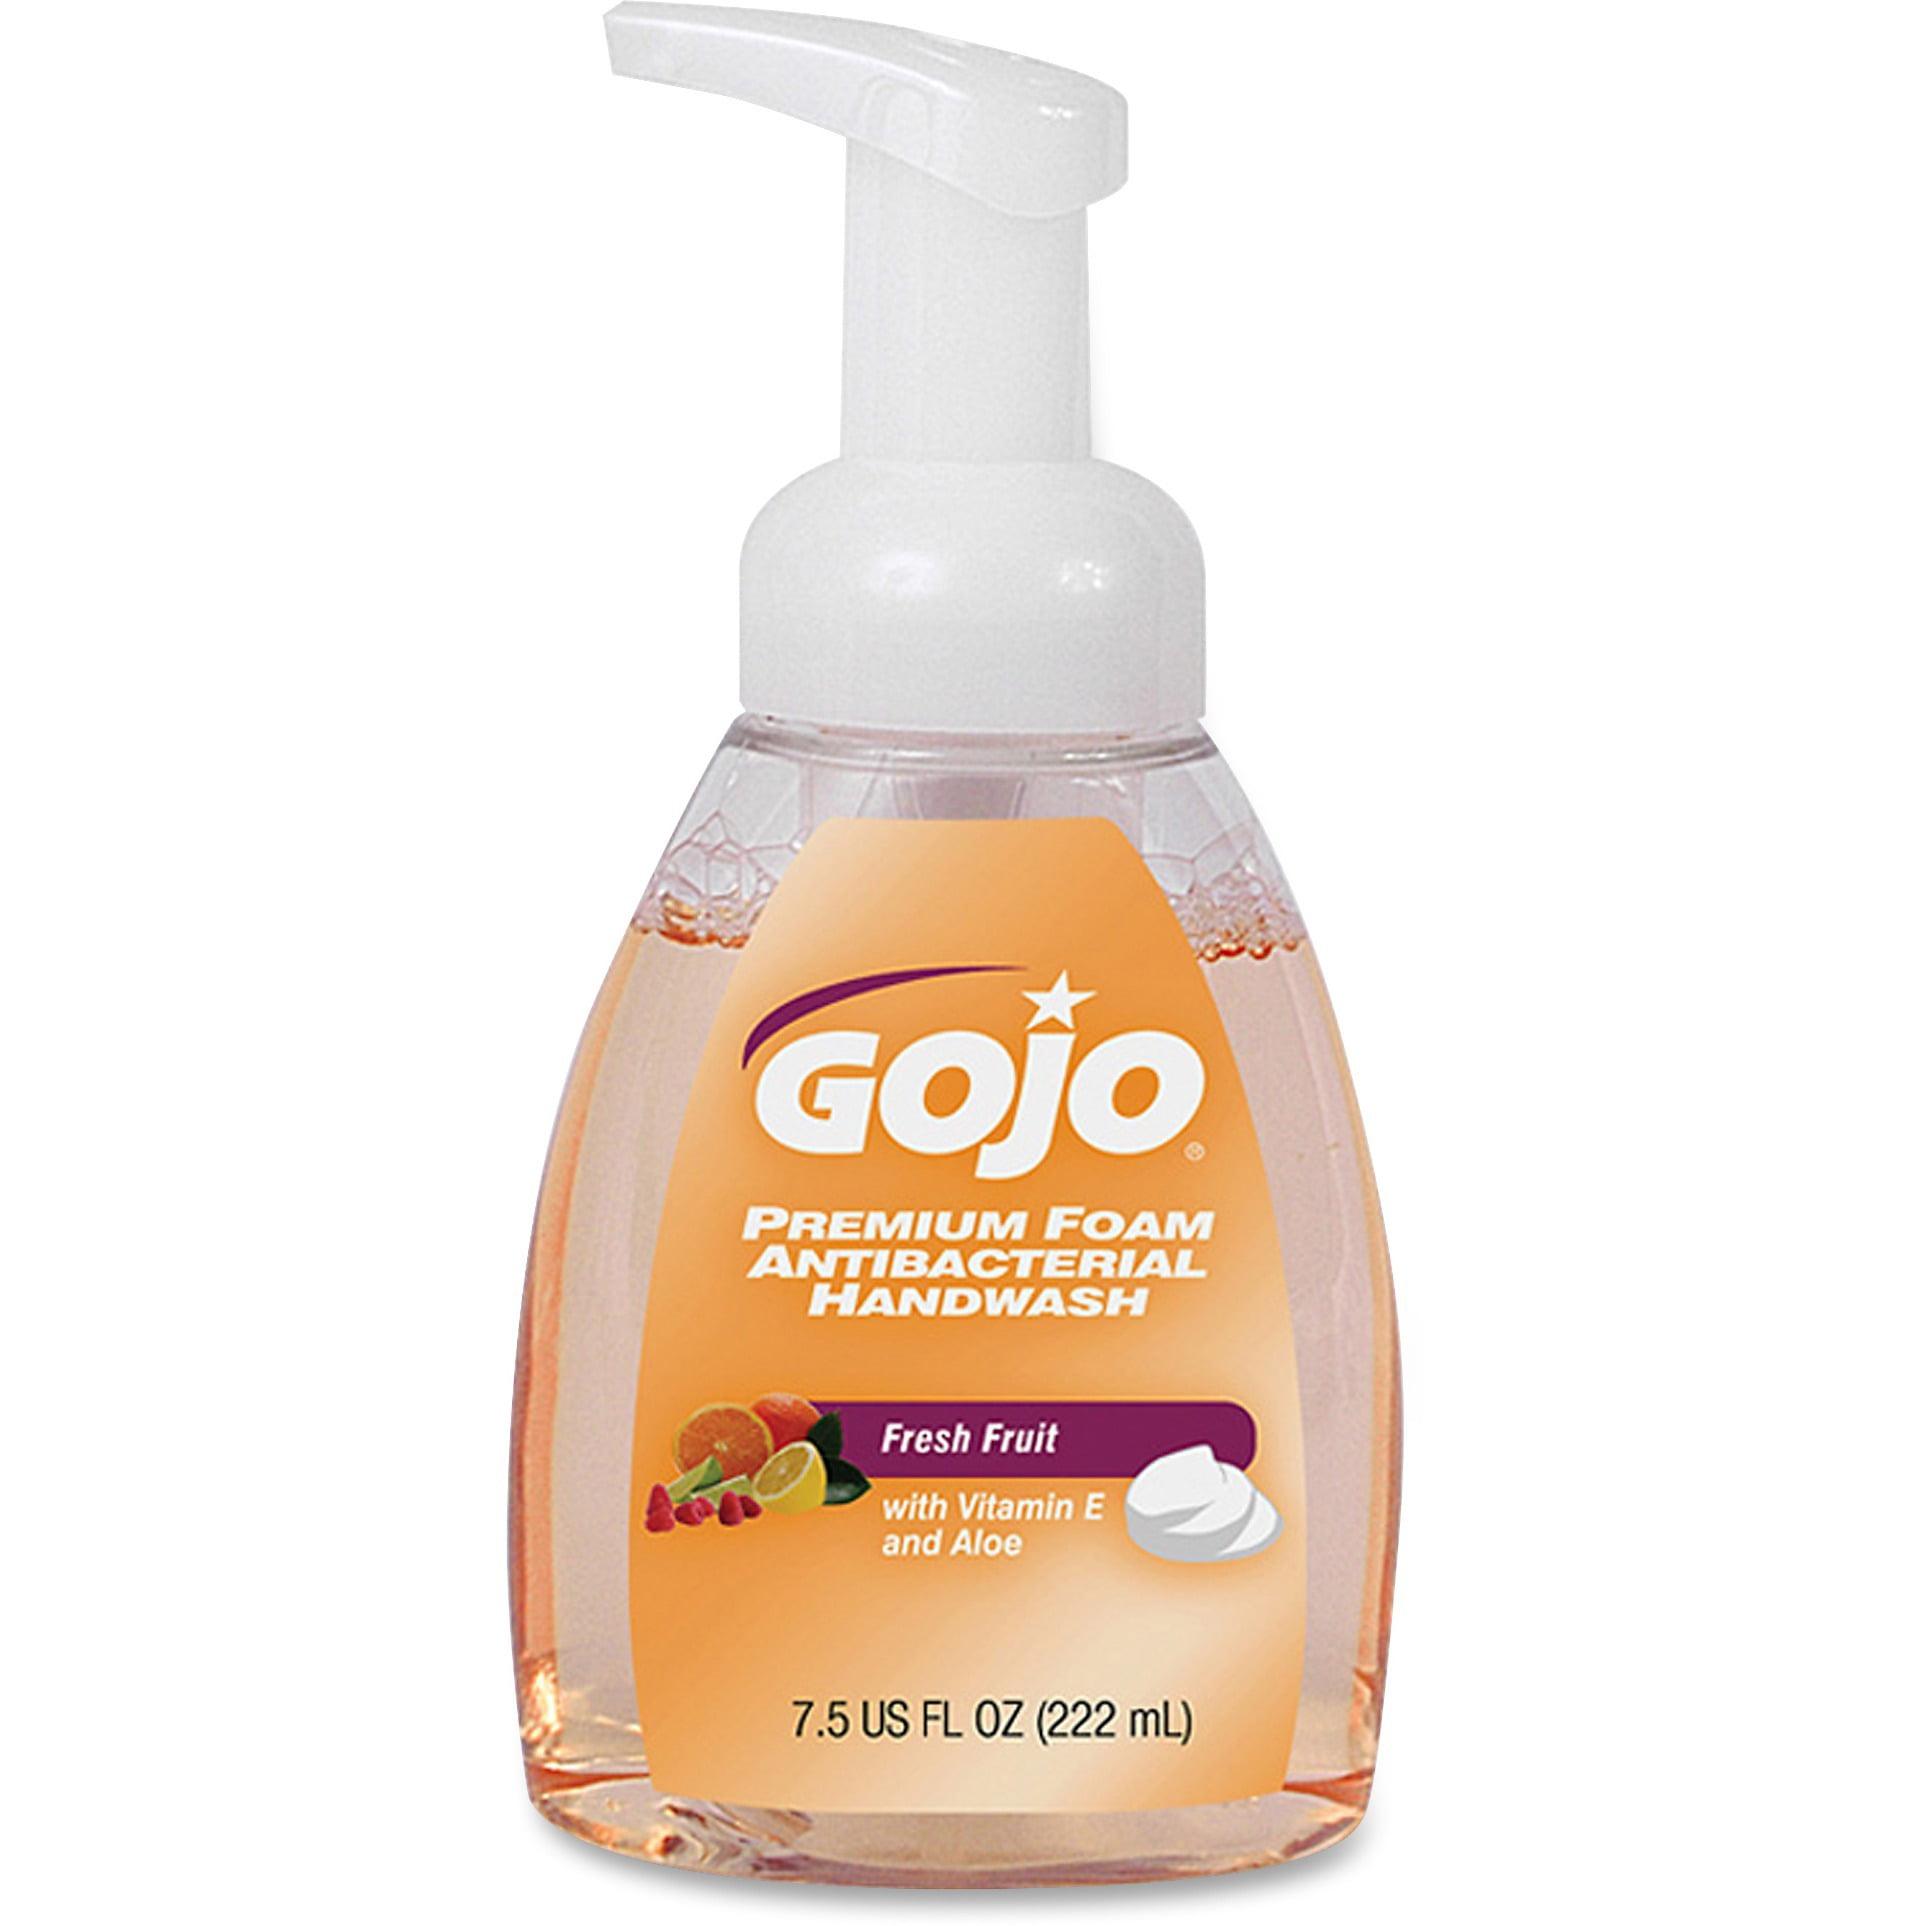 Gojo, GOJ571006CT, Premium Foam Antibacterial Handwash, 6 / Carton, Translucent Apricot